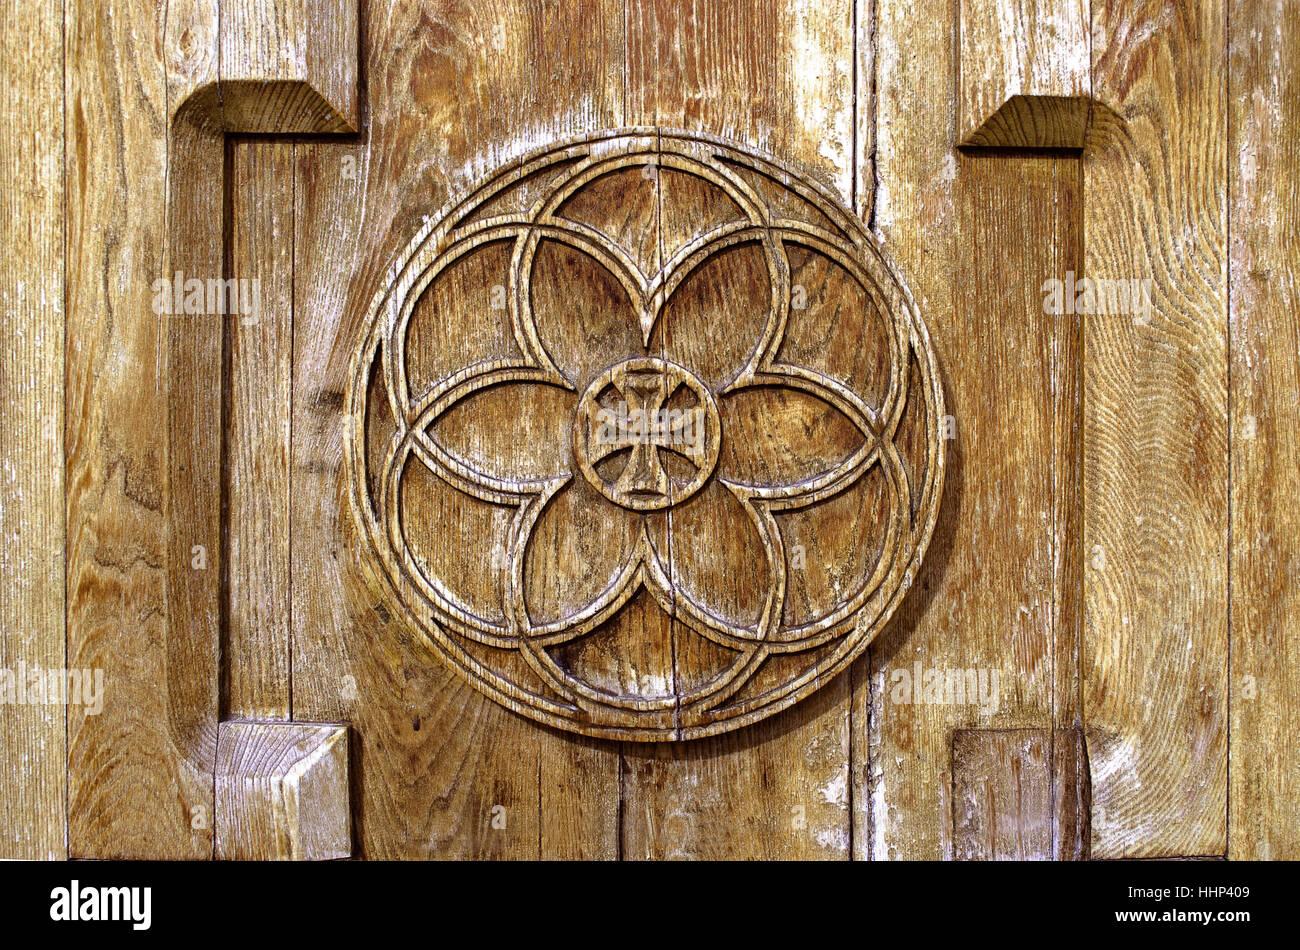 Découper Sur Leglise Porte En Bois Le Soleil Dune Croix Symbole